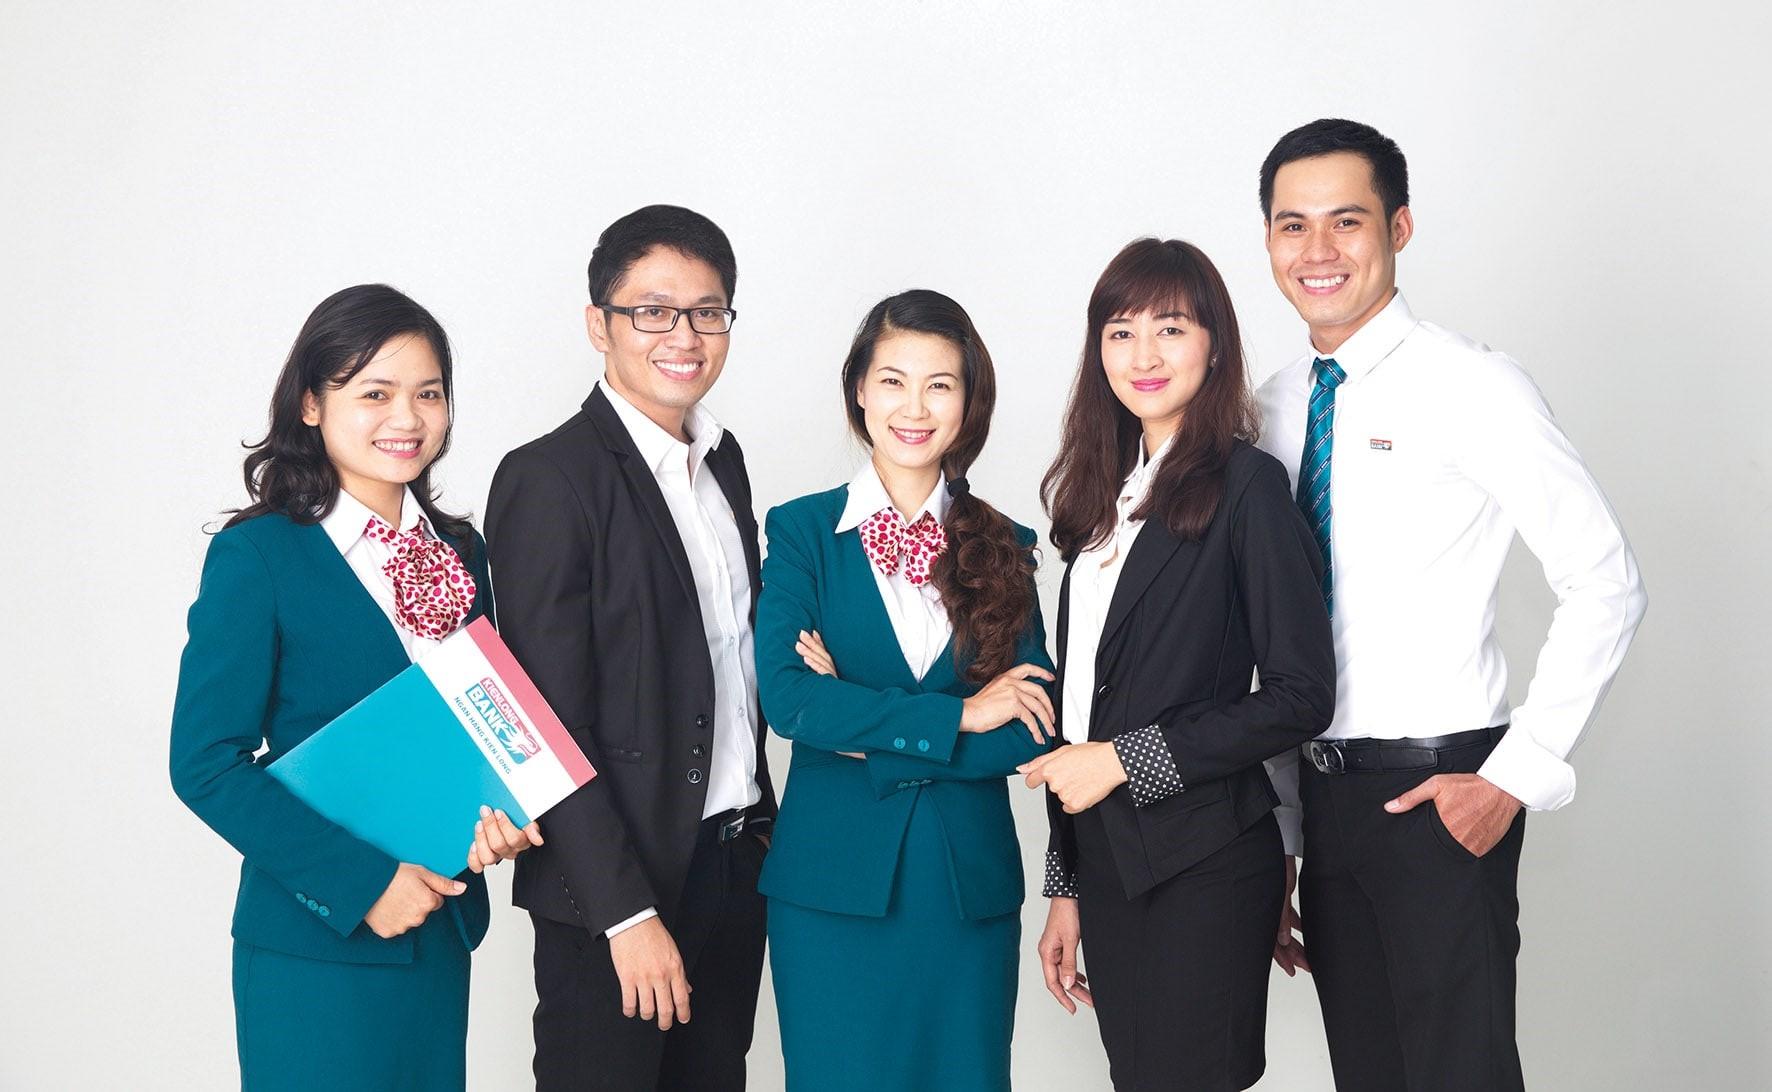 Đồng phục ngân hàng Kiên Long